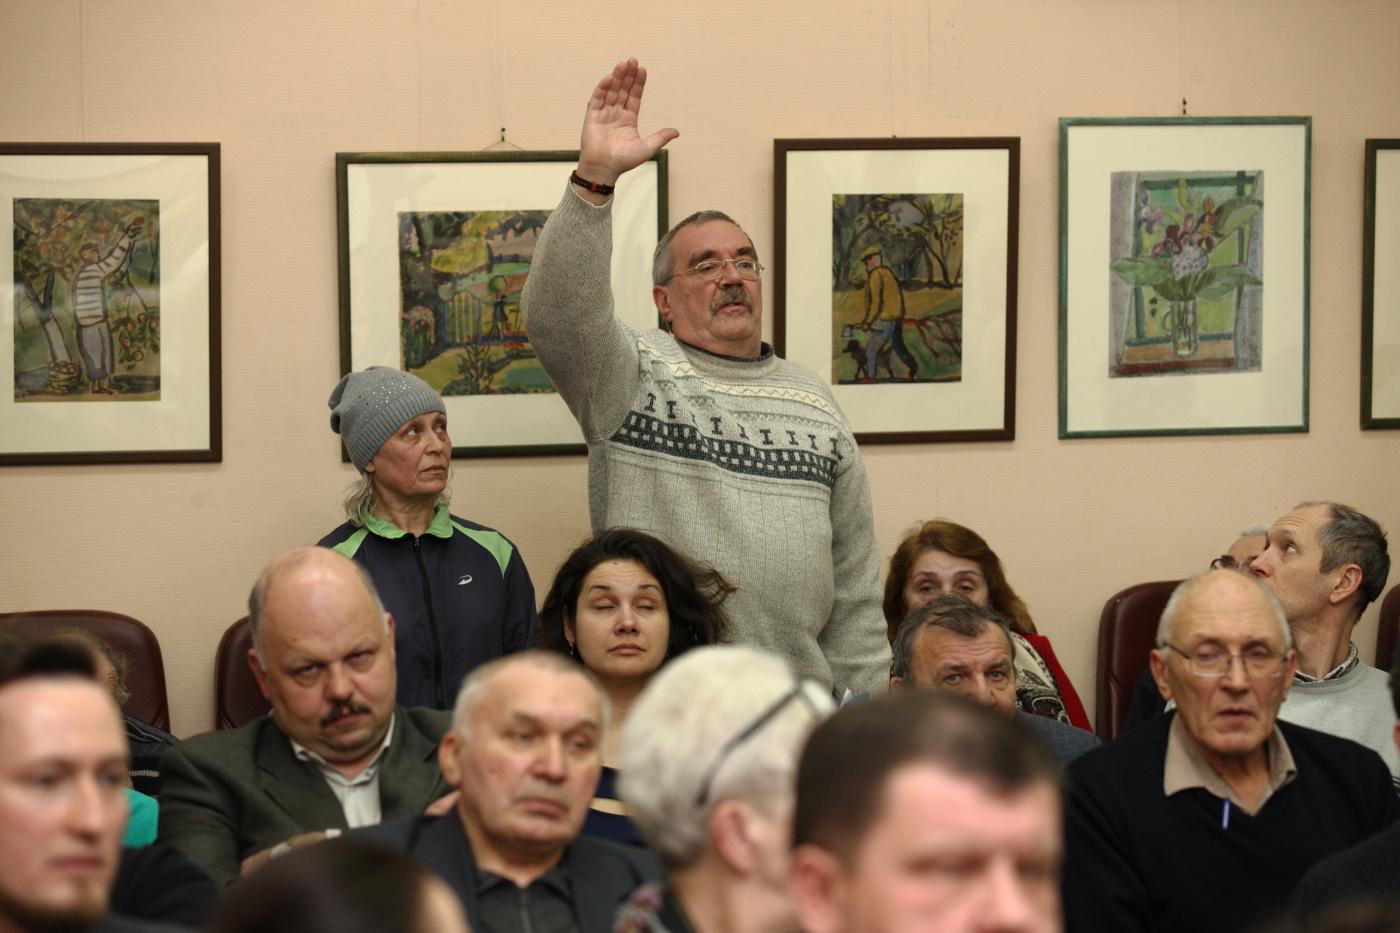 С жителями Петергофа обсудили вопросы, волнующие горожан